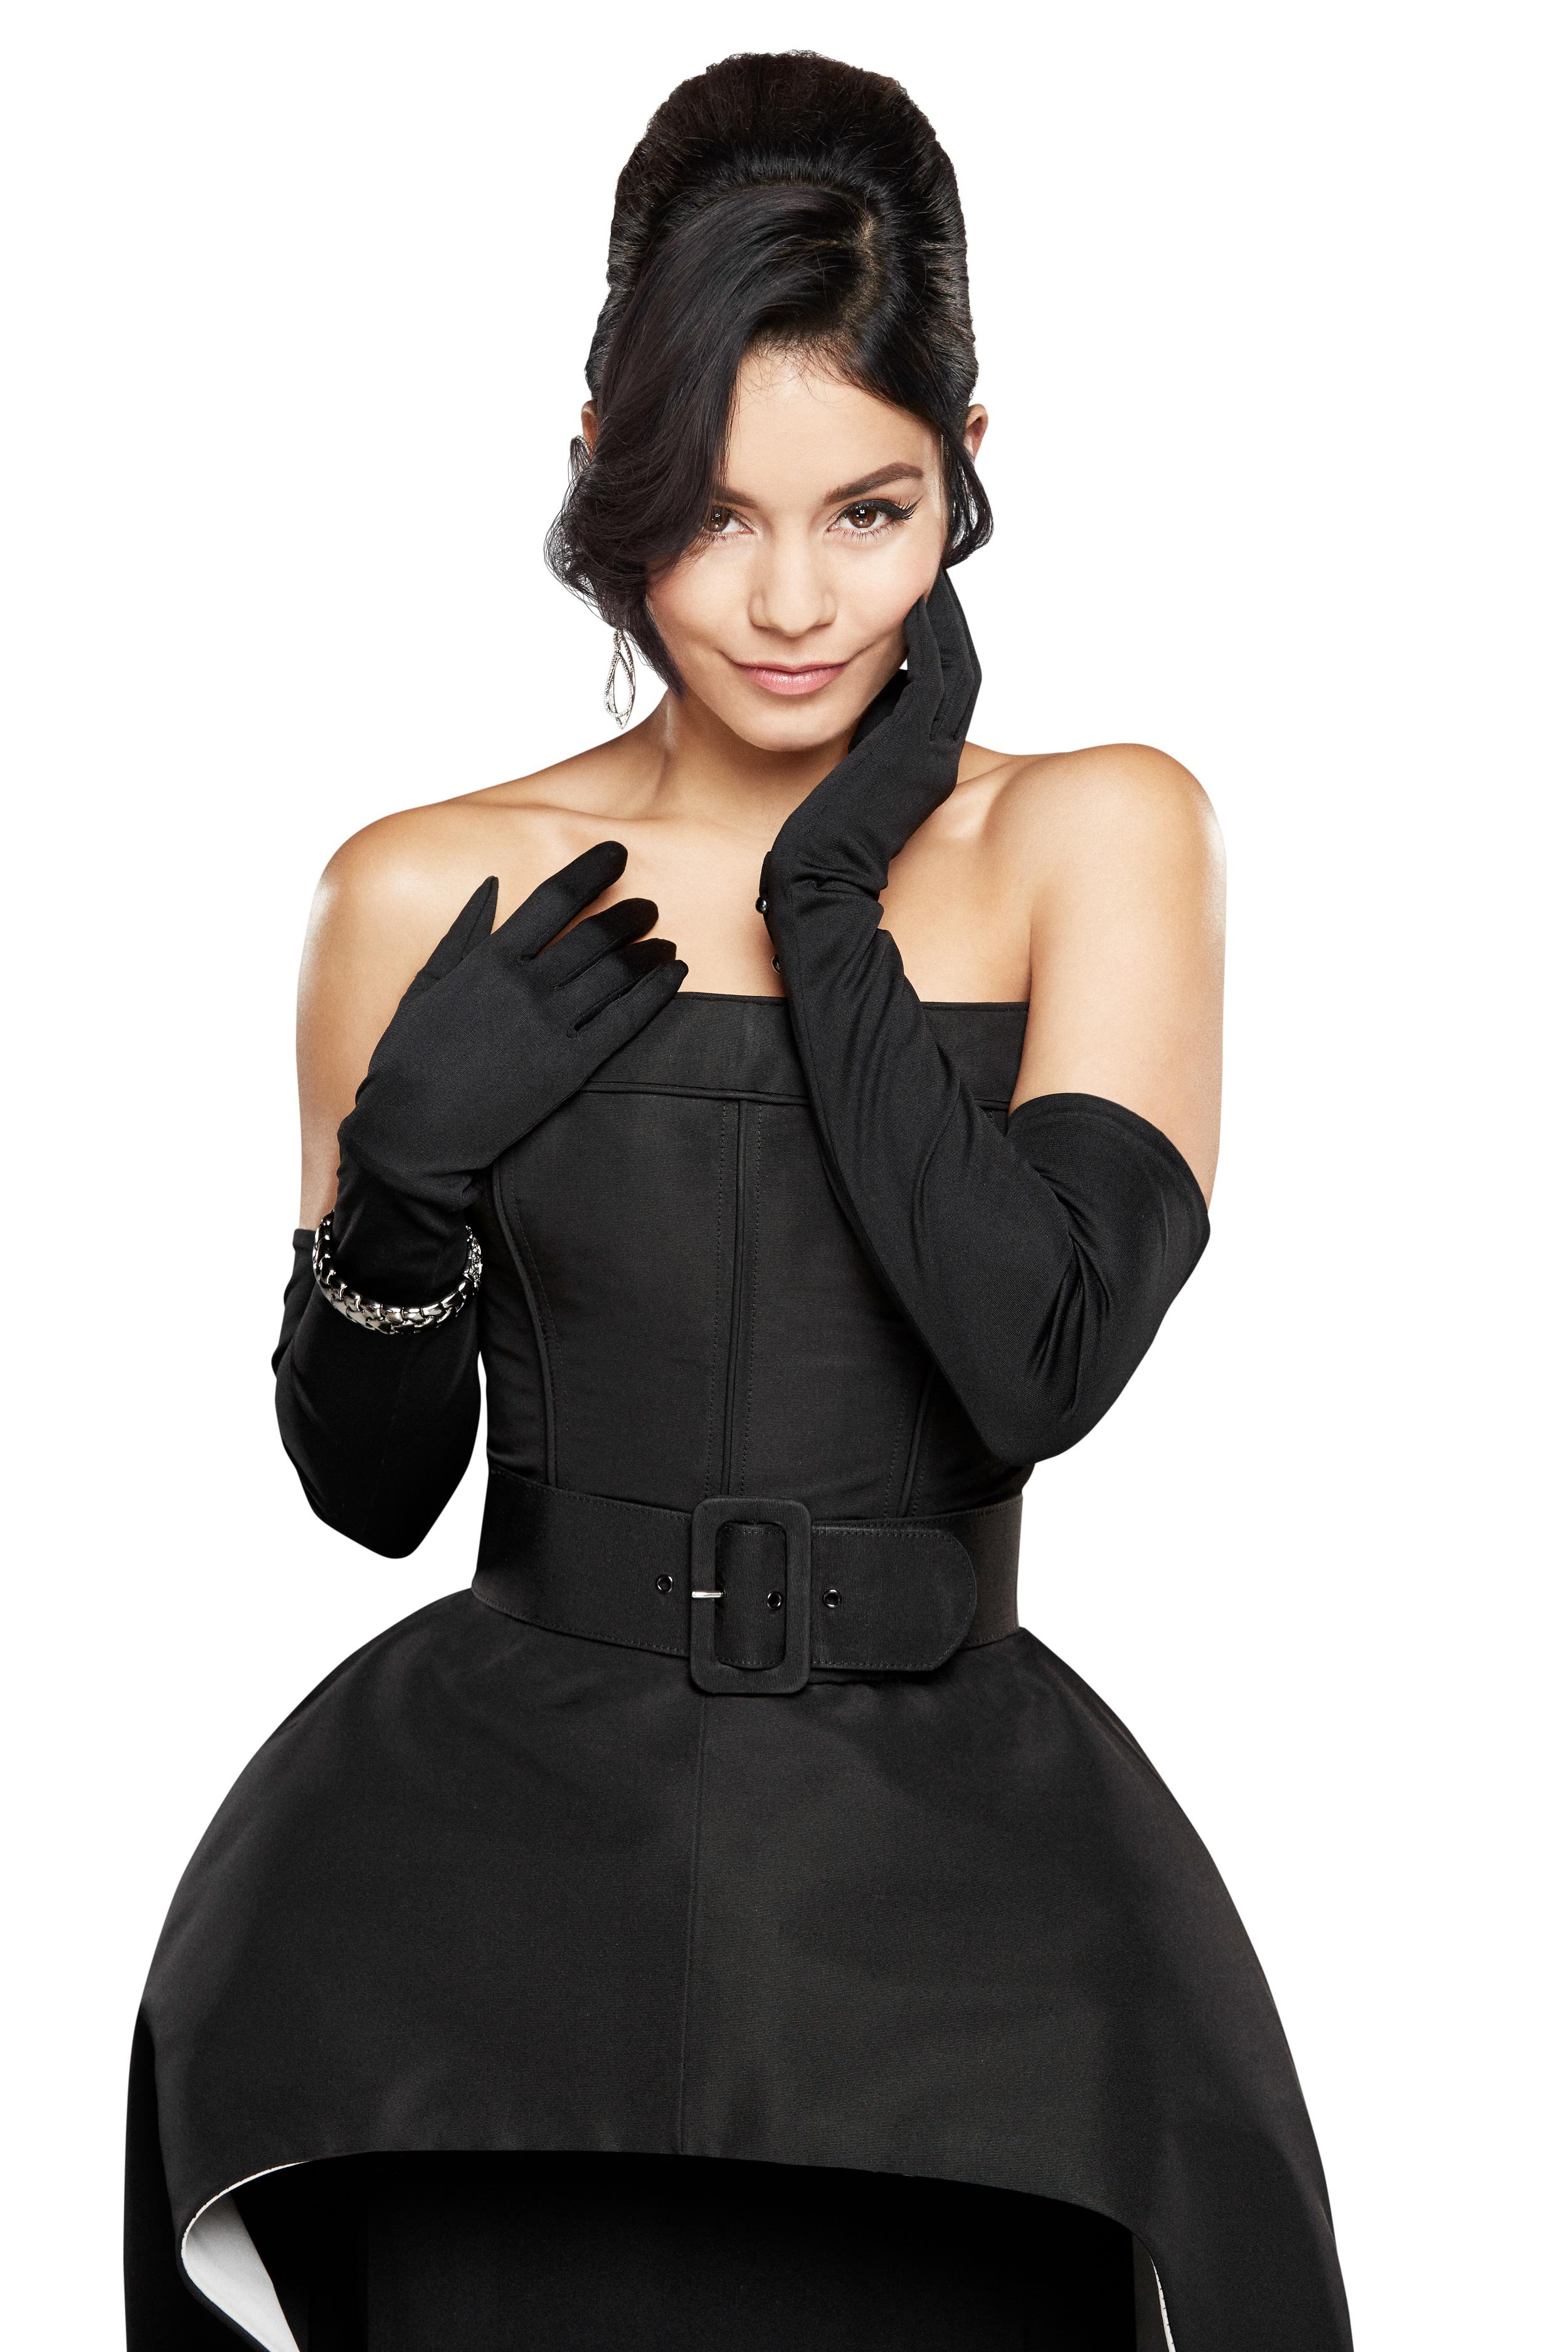 Vanessa Hudgens as Gigi